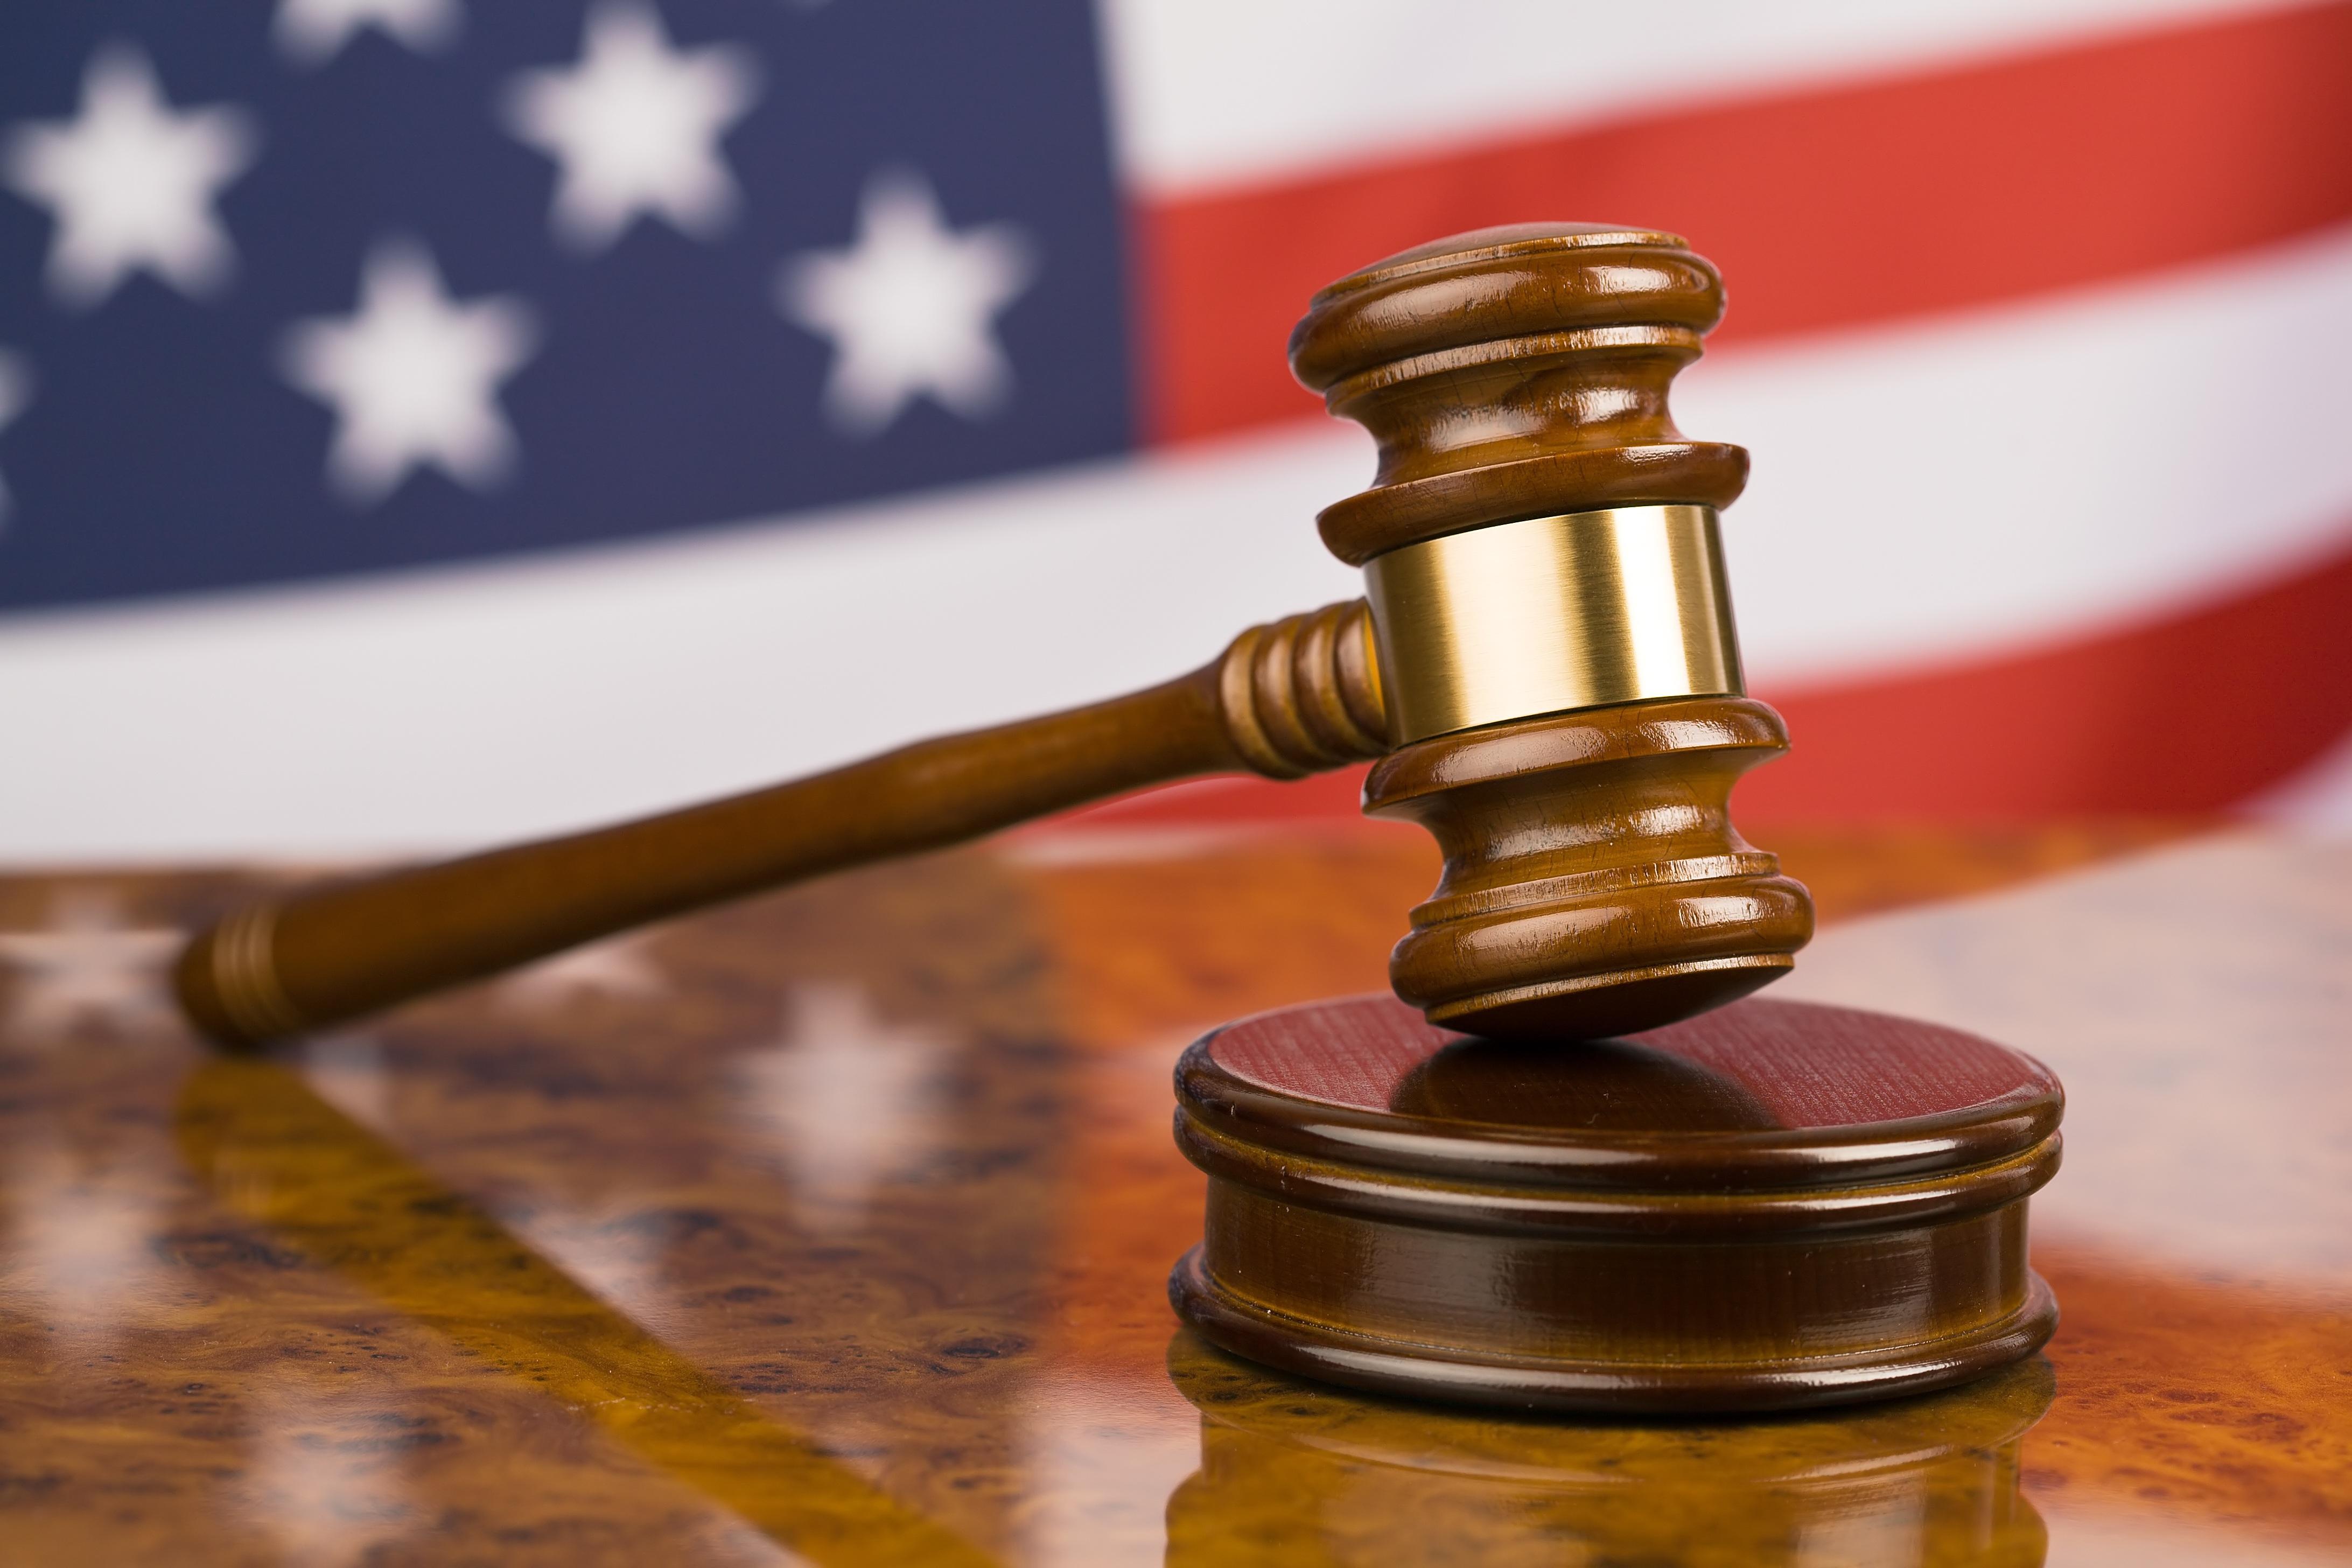 SEC впервый раз возбудила дело омошенничестве при проведении ICO